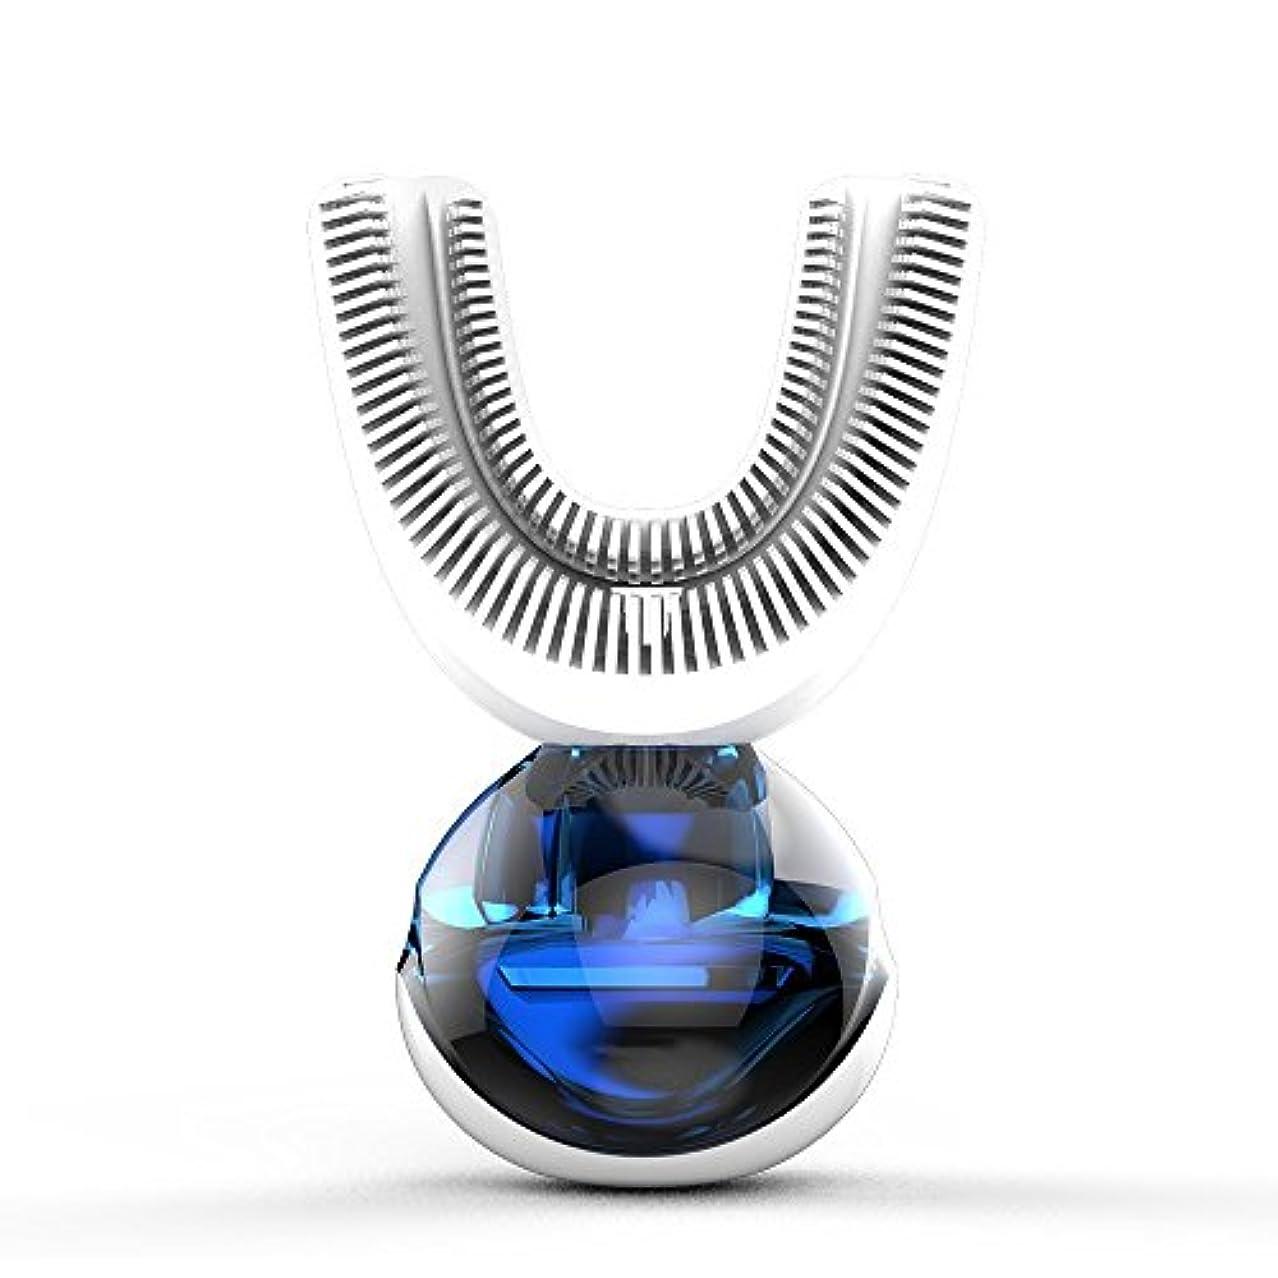 限定とげのあるフルオートマチック可変周波数電動歯ブラシ、自動360度U字型電動歯ブラシ、ワイヤレス充電IPX7防水自動歯ブラシ(大人用)